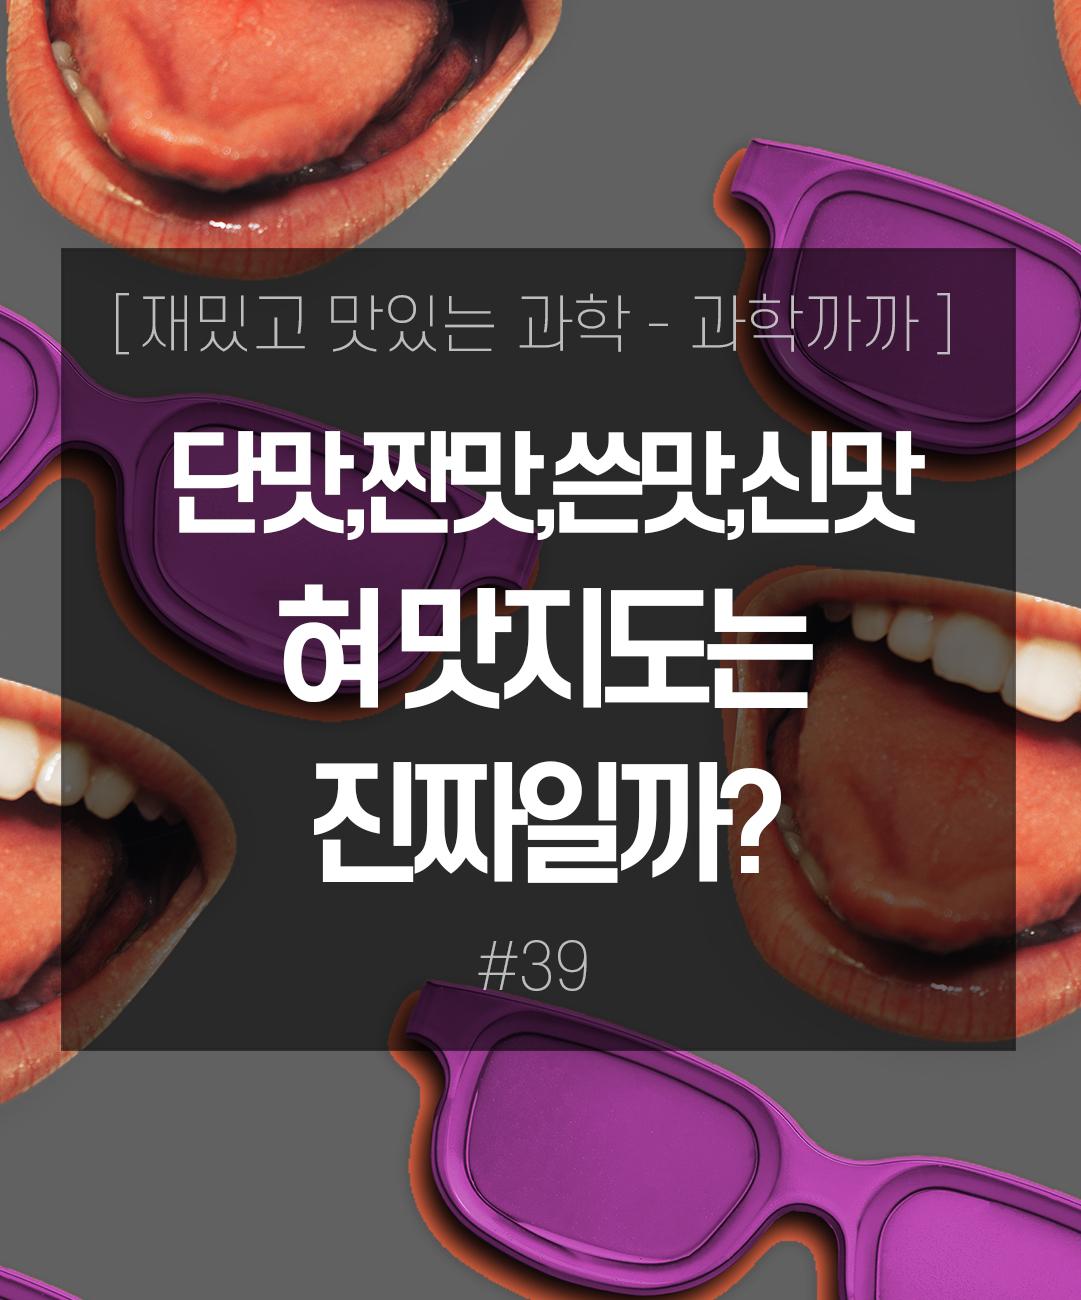 단맛,짠맛,쓴맛,신맛! 혀 맛지도는 진짜일까? 이미지